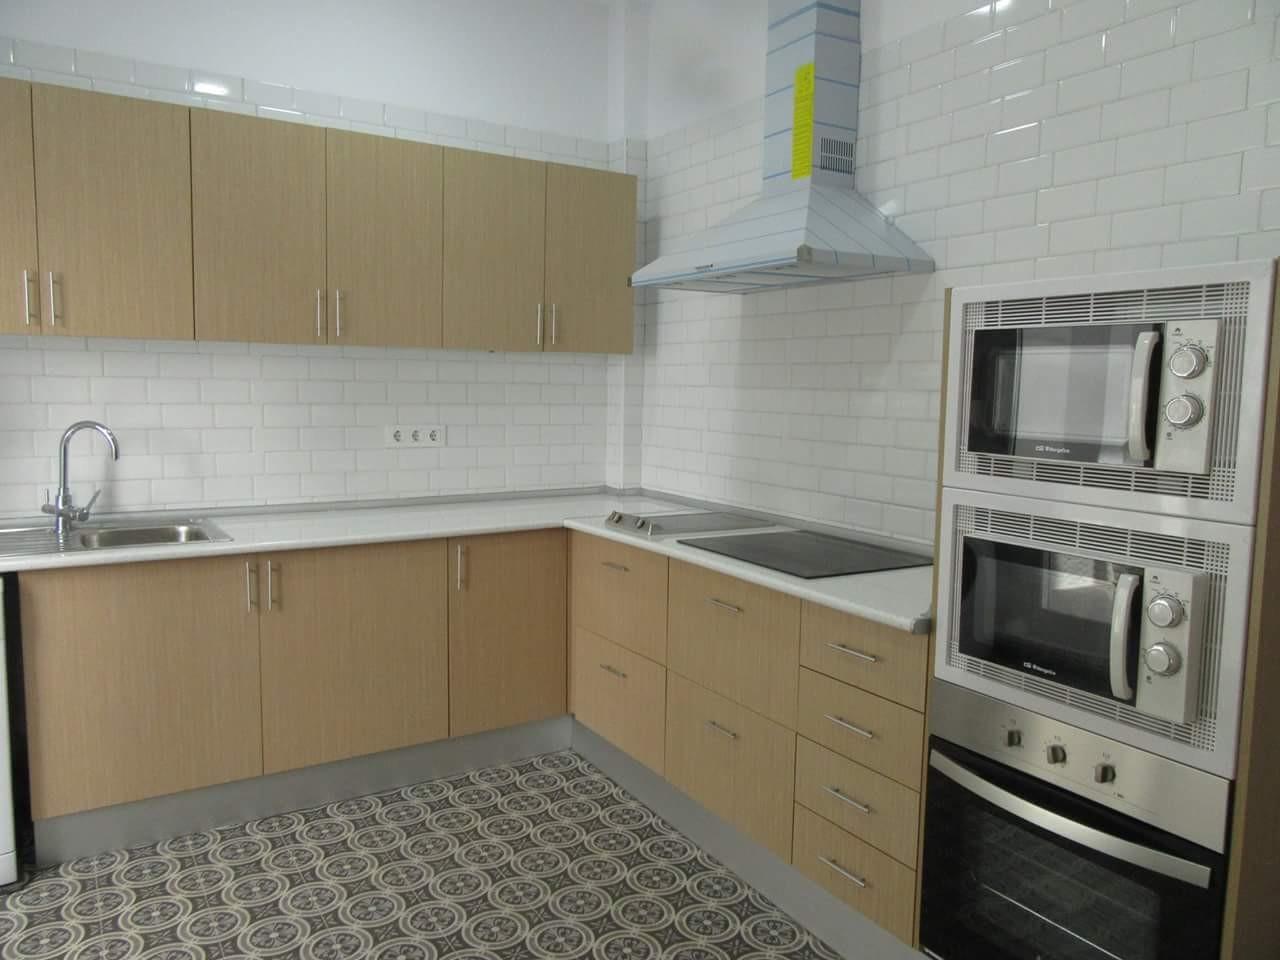 Dormitorio en piso compartido en cartagena centro ciudad Alquiler de habitacion en piso compartido